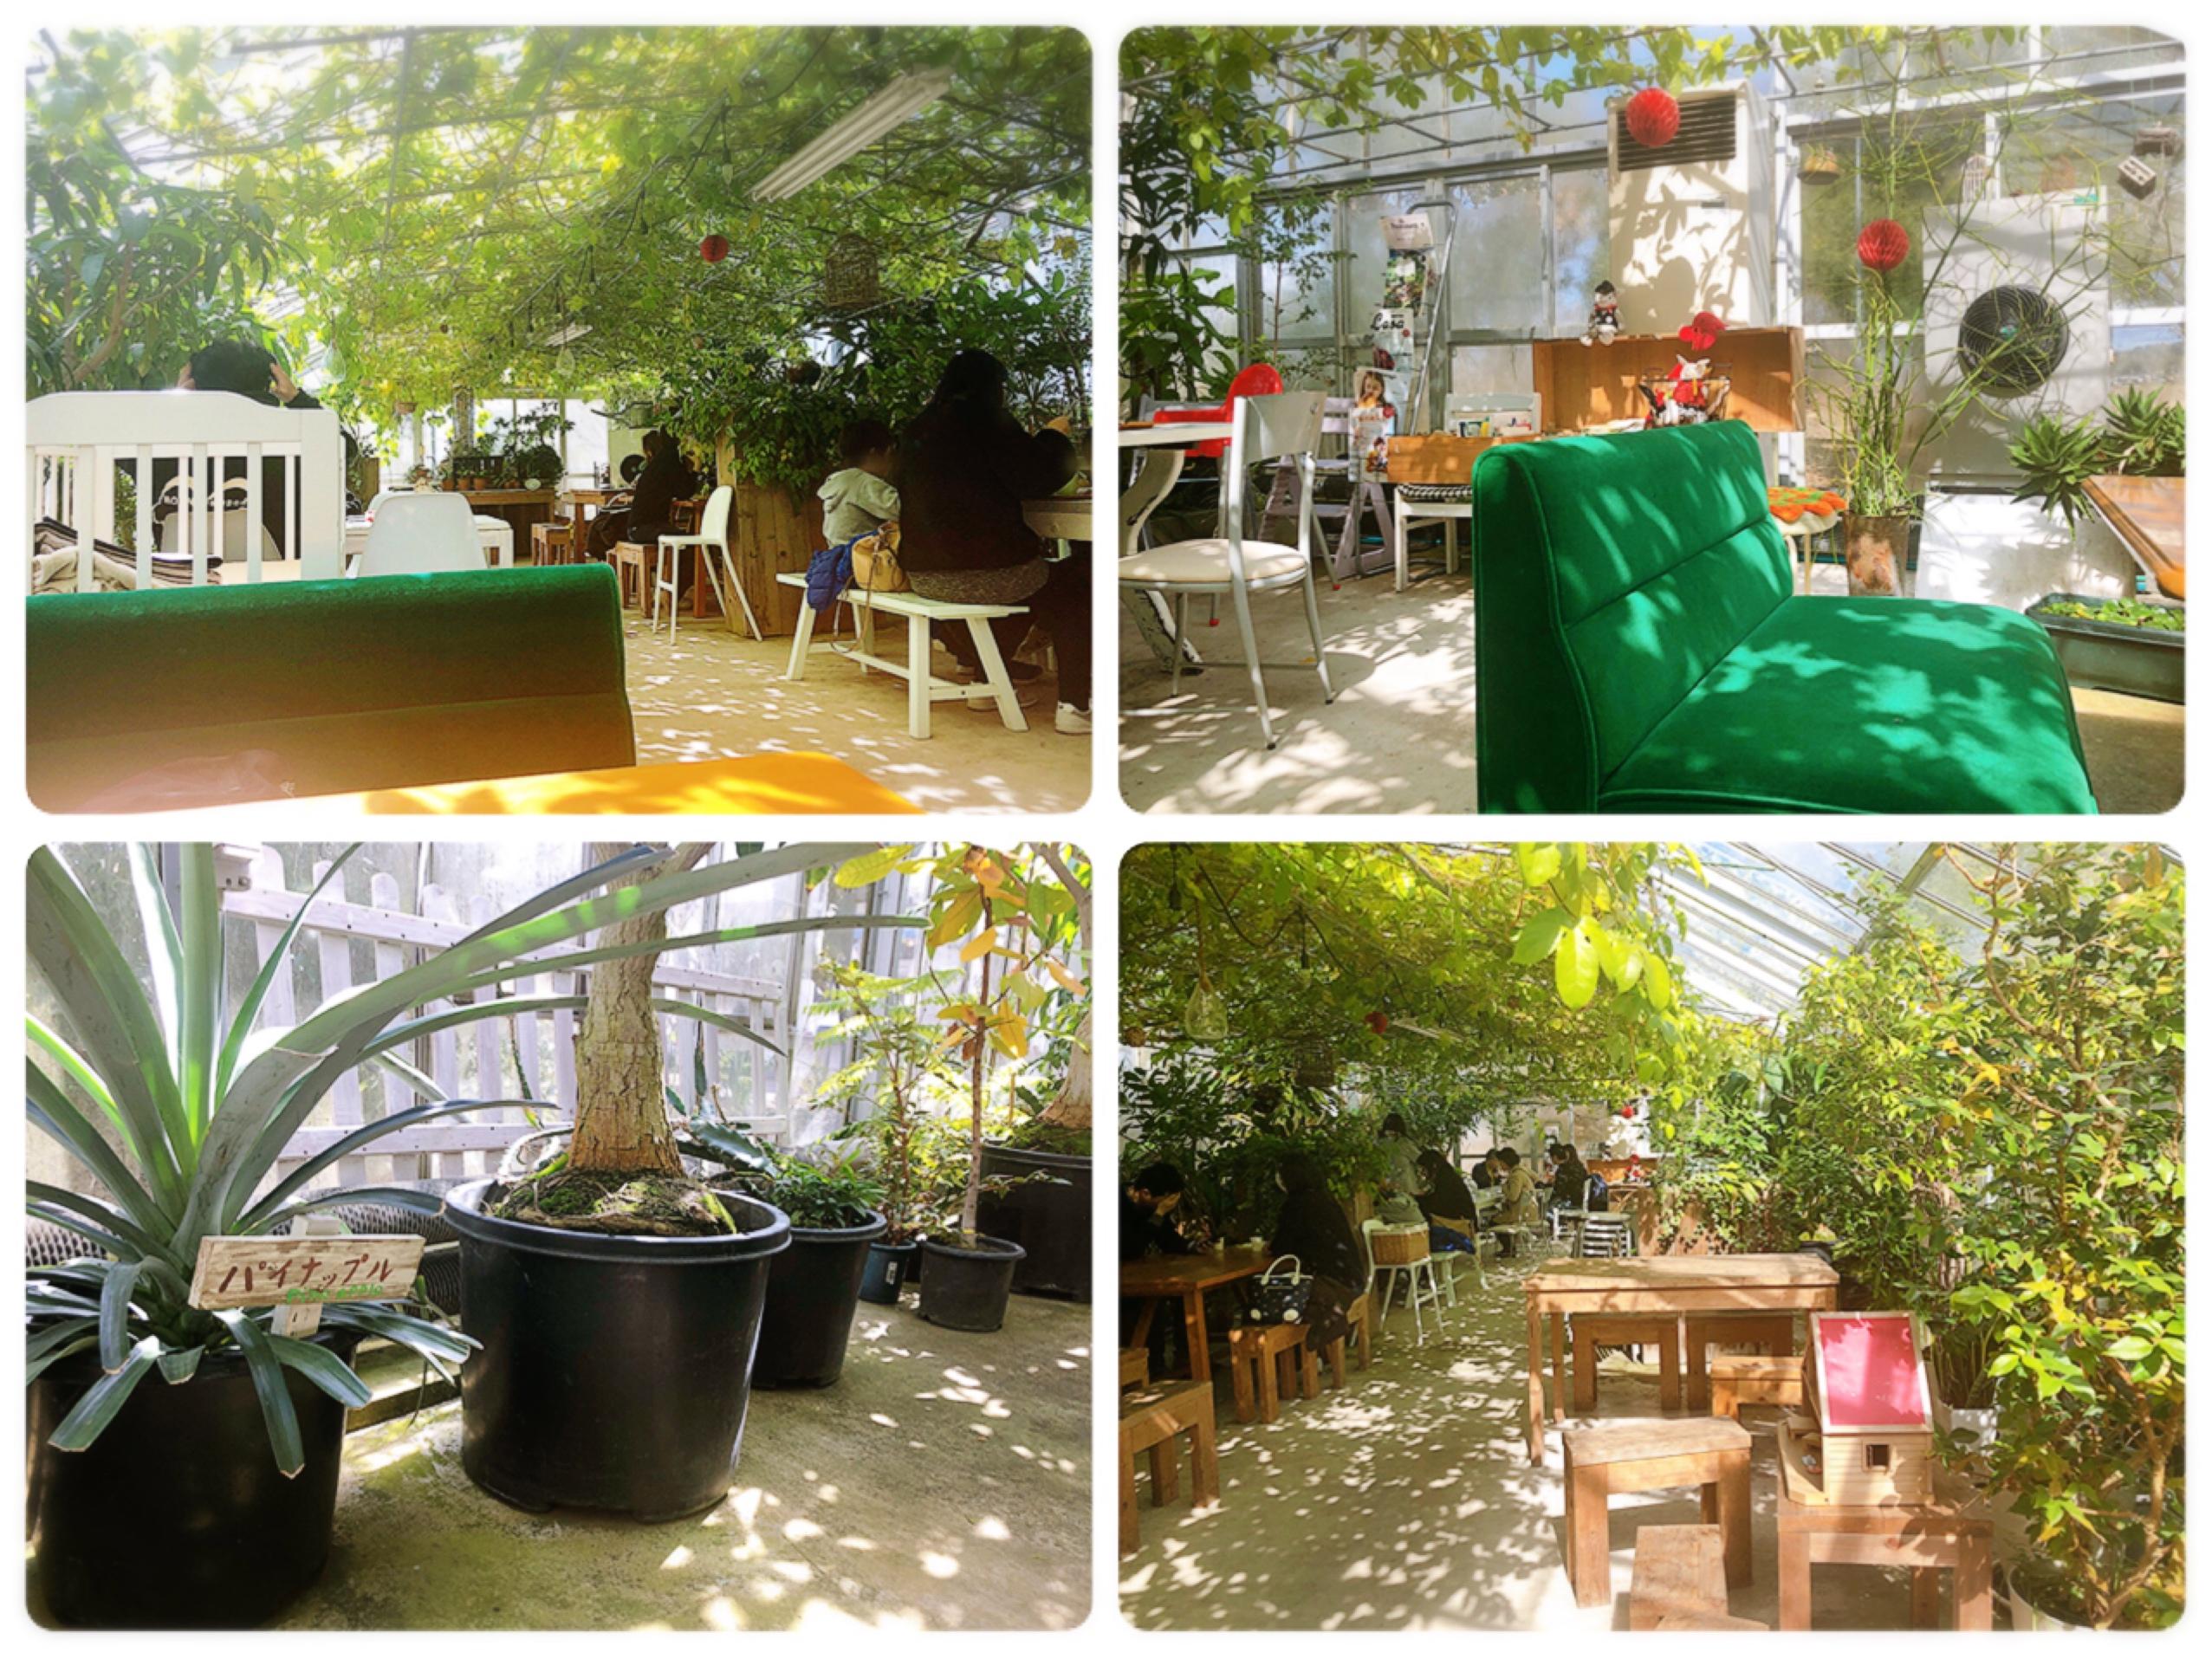 【#静岡】メロン農園直営❁緑に包まれたガーデンのようなカフェが魅力!甘〜いメロンをいただきました♩_3